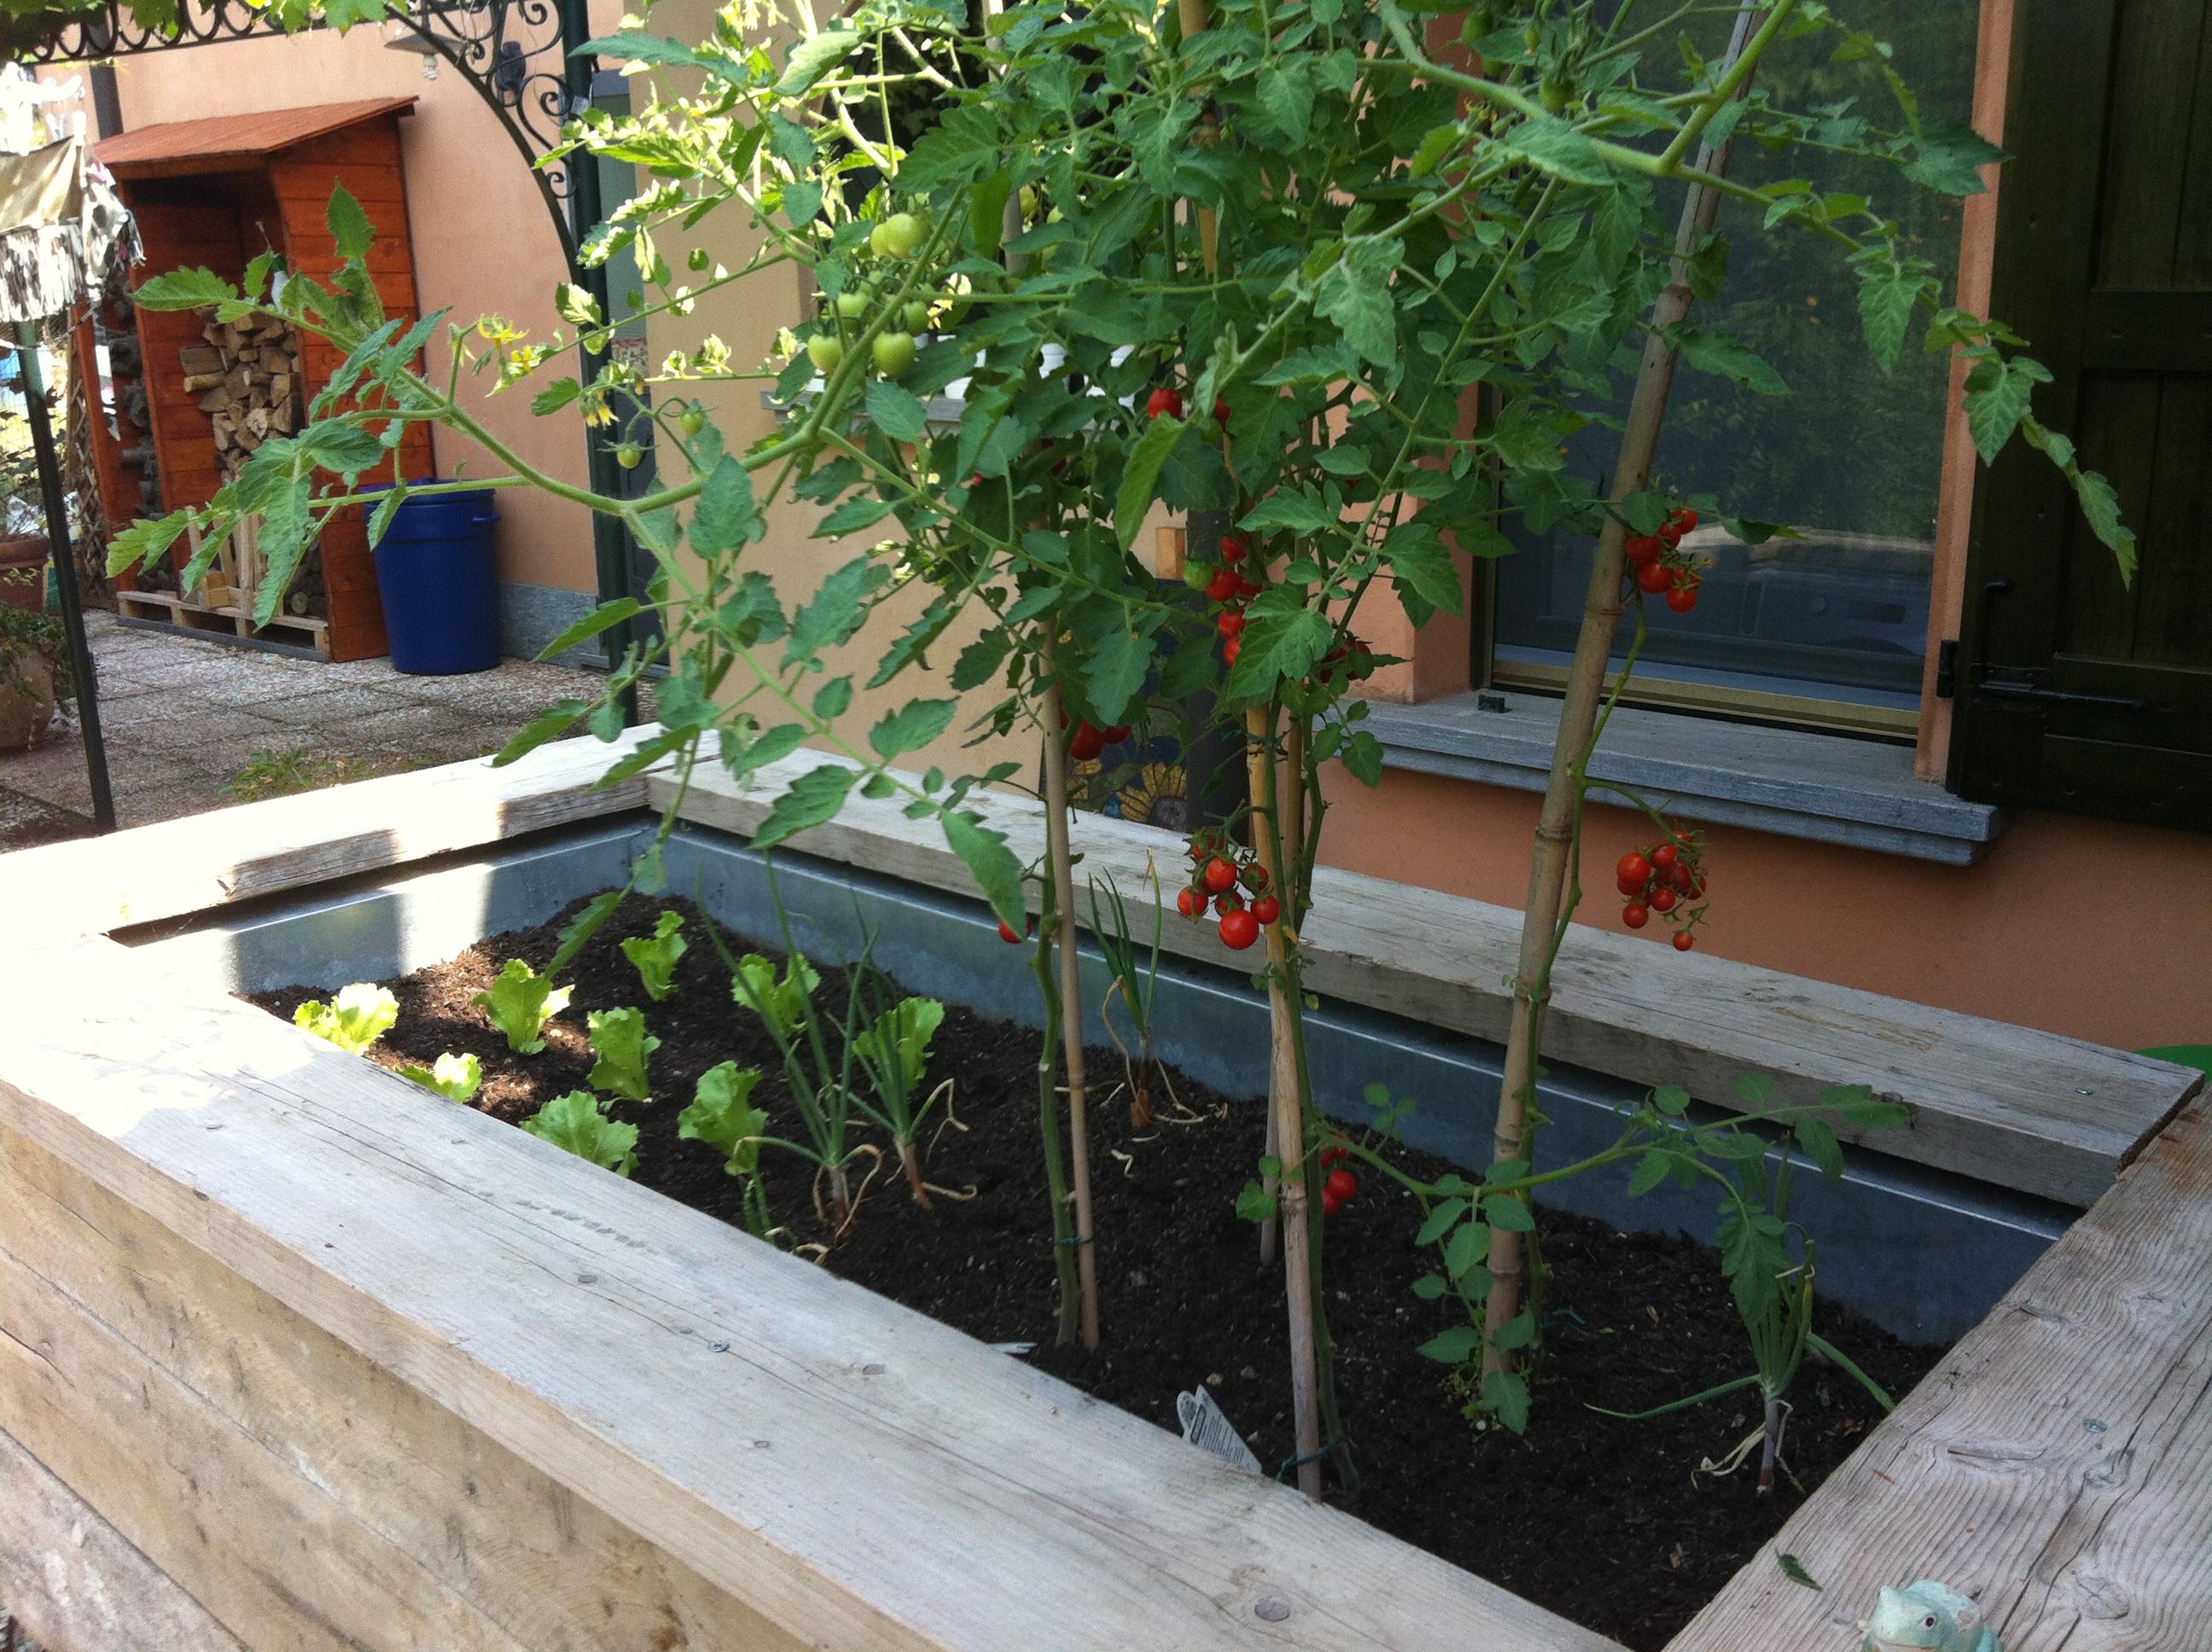 Una vasca da orto fai da te per un terrazzo (foto Ciabattine.net)